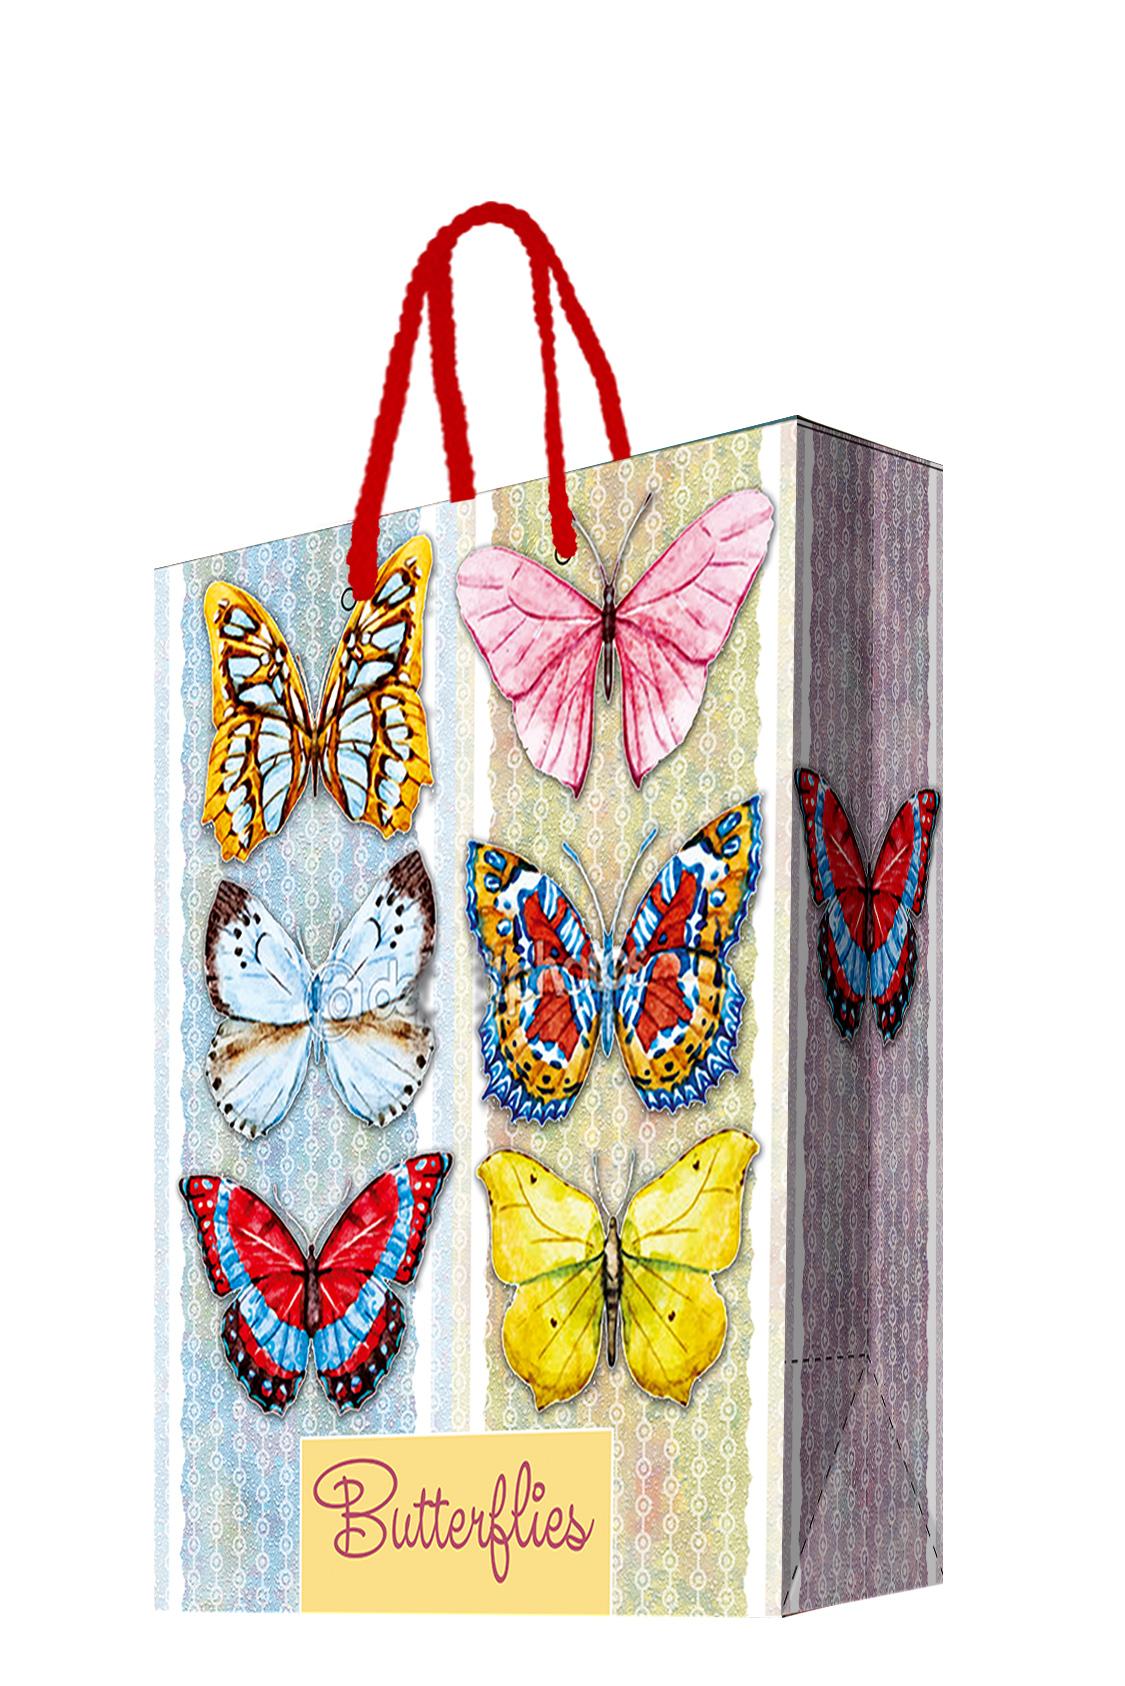 Пакет подарочный Magic Home Тропические бабочки, 17,8 х 22,9 х 9,8 см44183Бумажный подарочный пакет для сувенирной продукции размером 17,8*22,9*9,8 см изготовлен из плотной бумаги. Плотность бумаги 140г/м2. Дно укреплено картоном, который позволяет сохранить форму пакета и исключает возможность деформации дна под тяжестью подарка. Пакет выполнен с глянцевой ламинацией, что придает ему прочность, а изображению - фактуру, яркость и насыщенность цветов. Для удобной переноски имеются две ручки из шнурков.